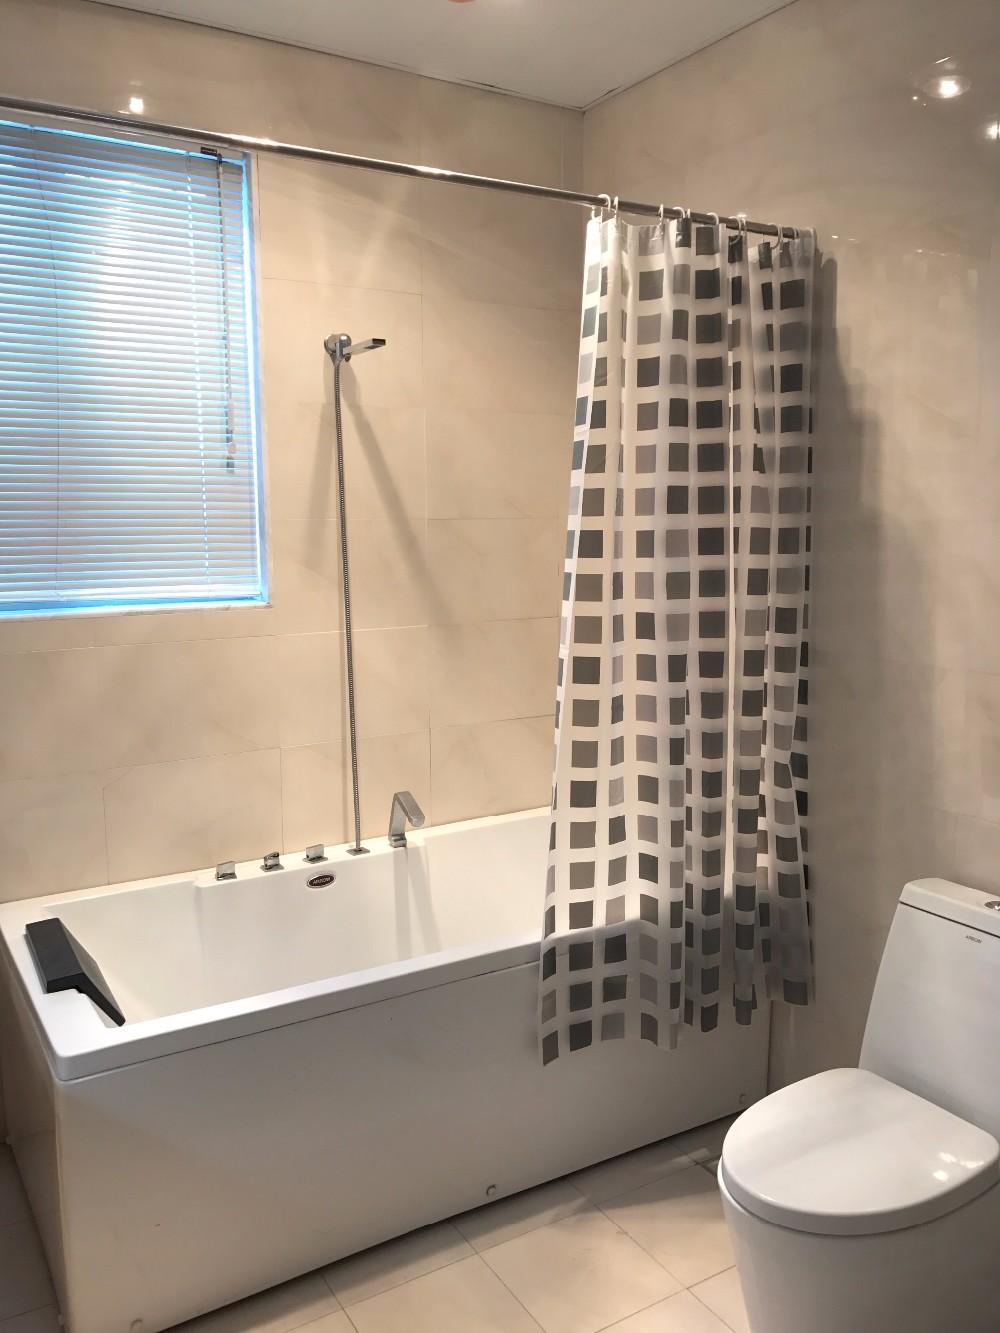 Vente chaude noir carr mosa que peva salle de bains moisissure tanche preuve transparent for Moisissure noire douche